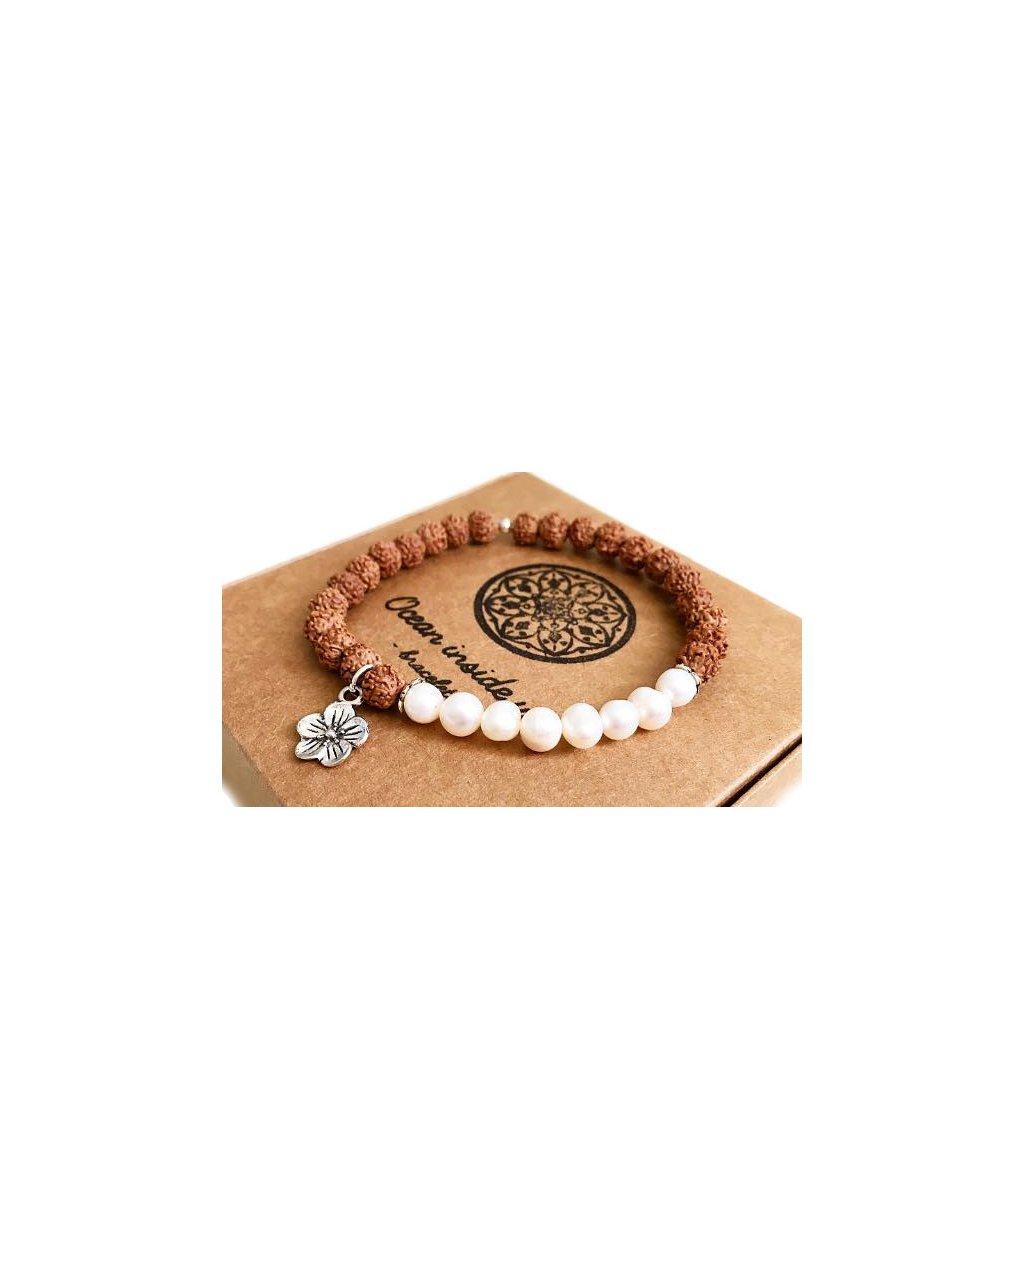 Náramek z minerálů říční perly s posvátnou rudrakshou a květinou